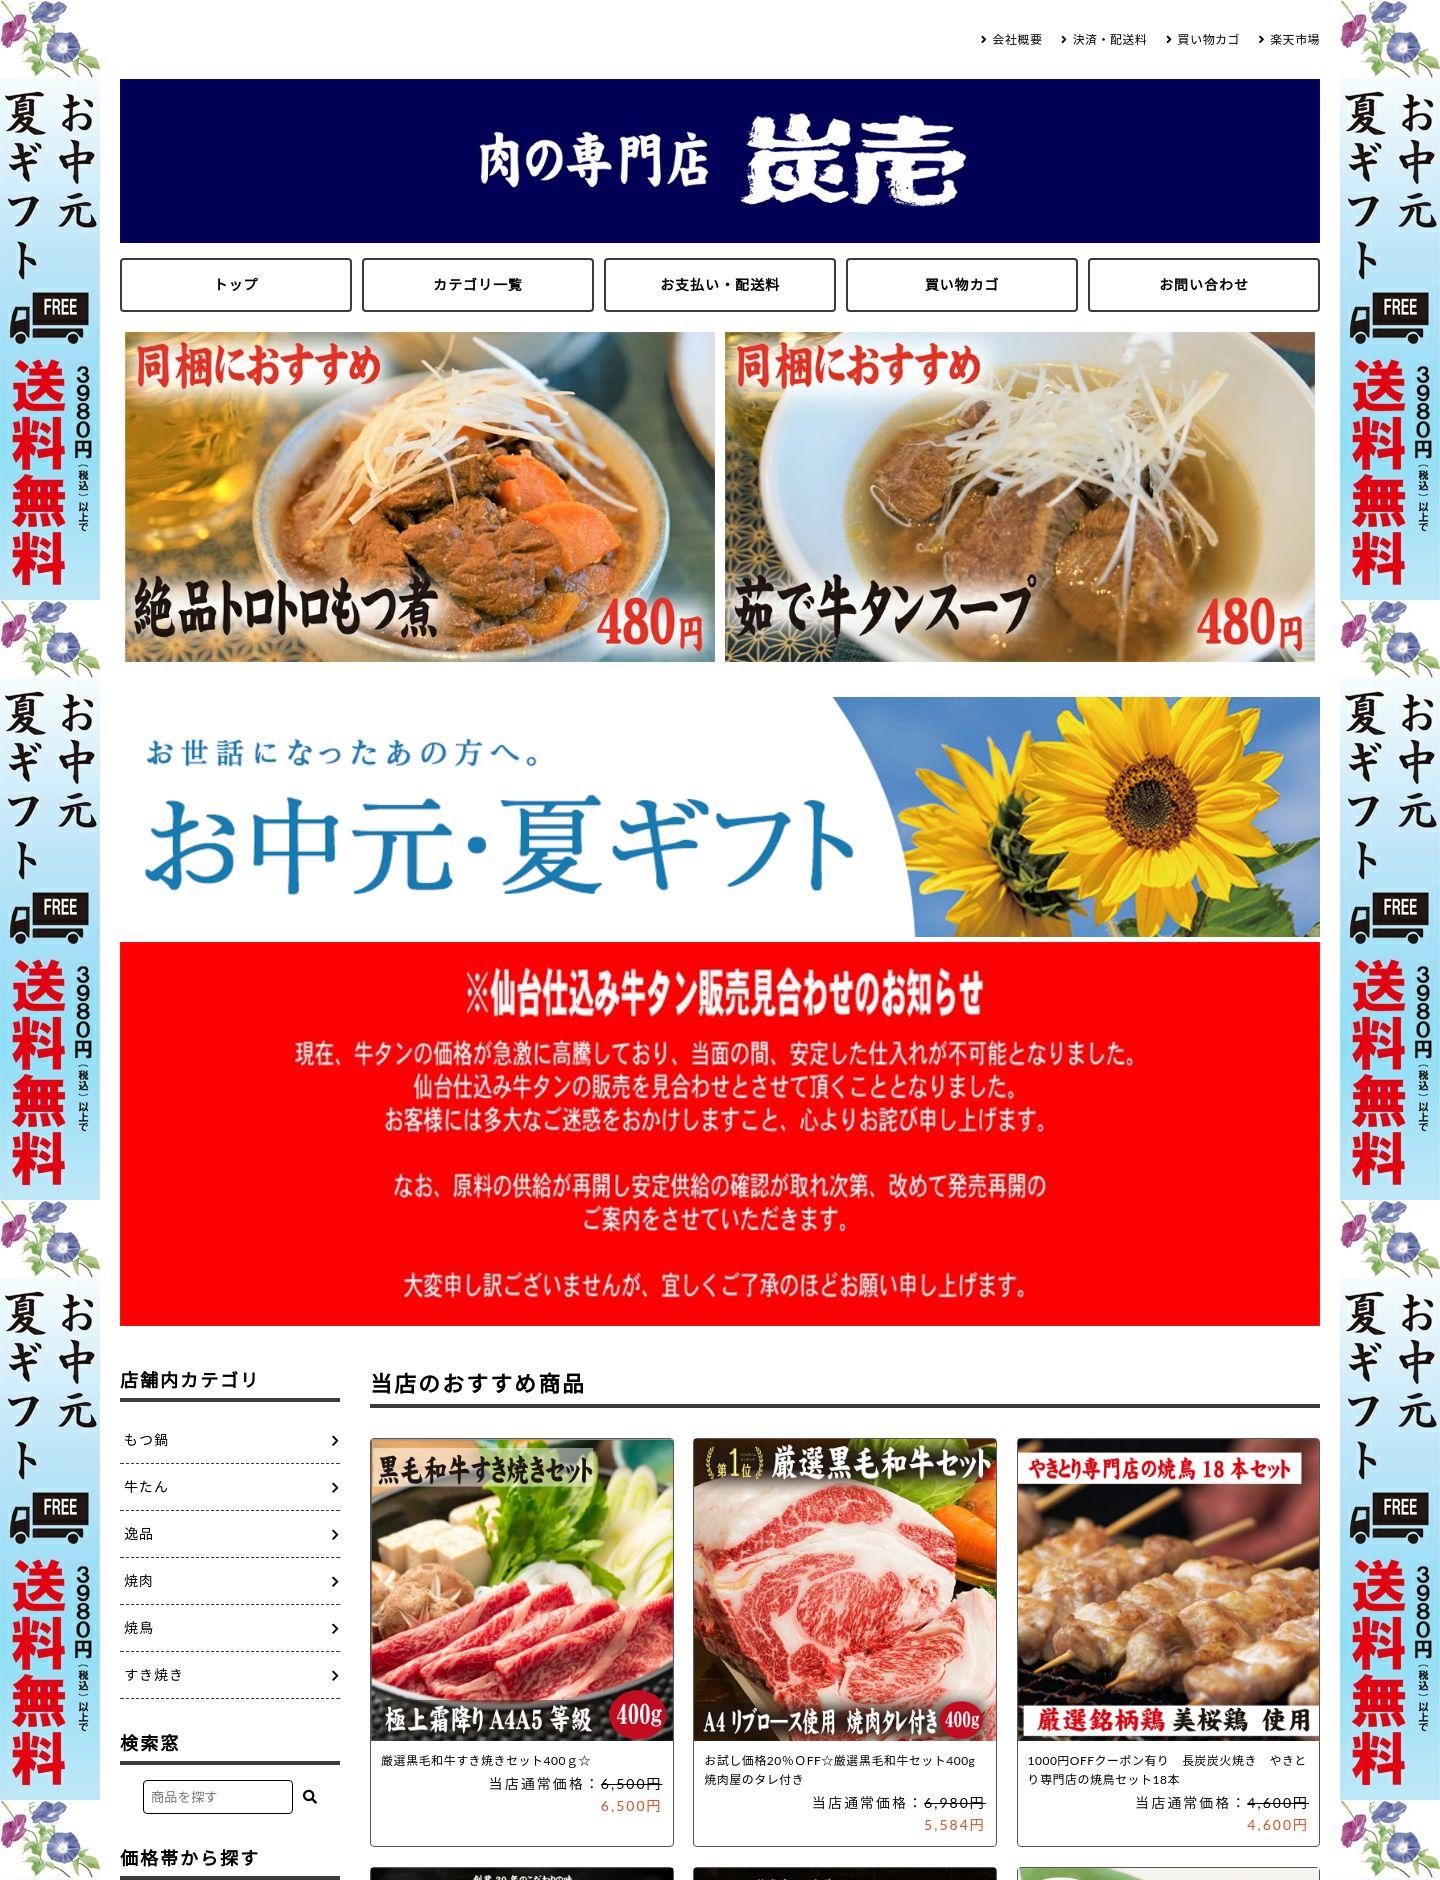 肉の専門店 すみいち様 サイト画像